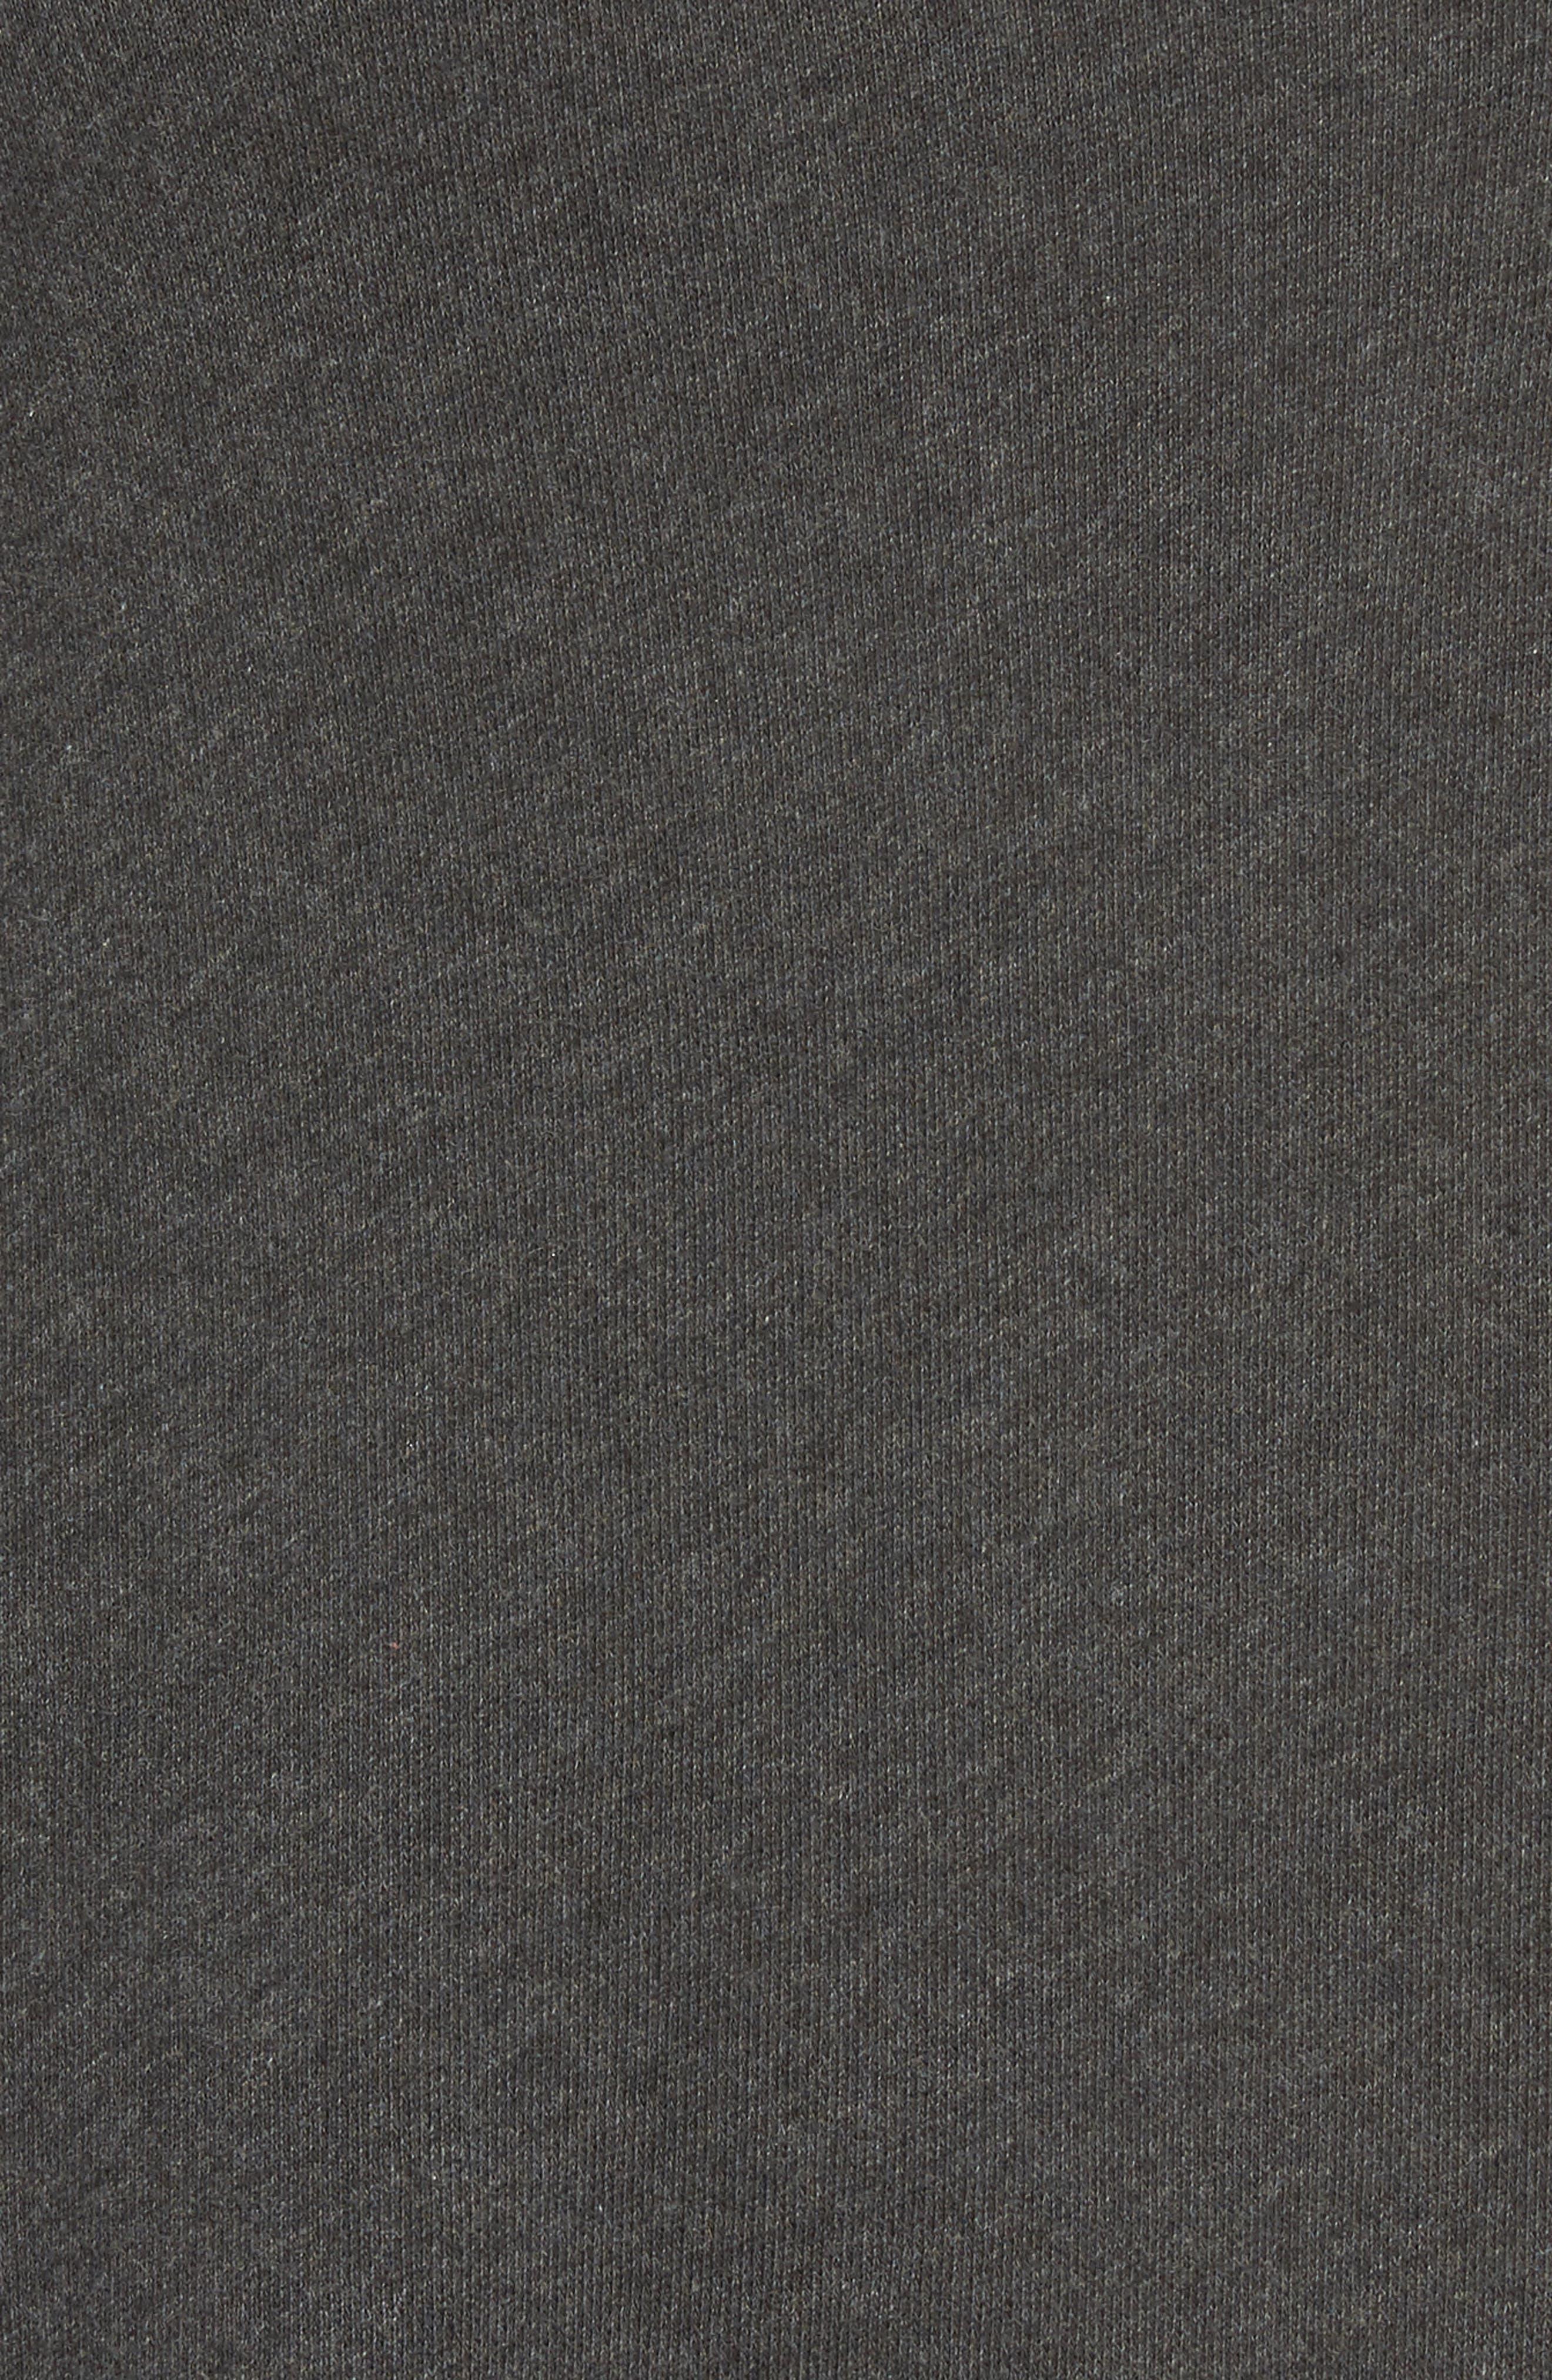 Ruffle Hem Knit Dress,                             Alternate thumbnail 5, color,                             021